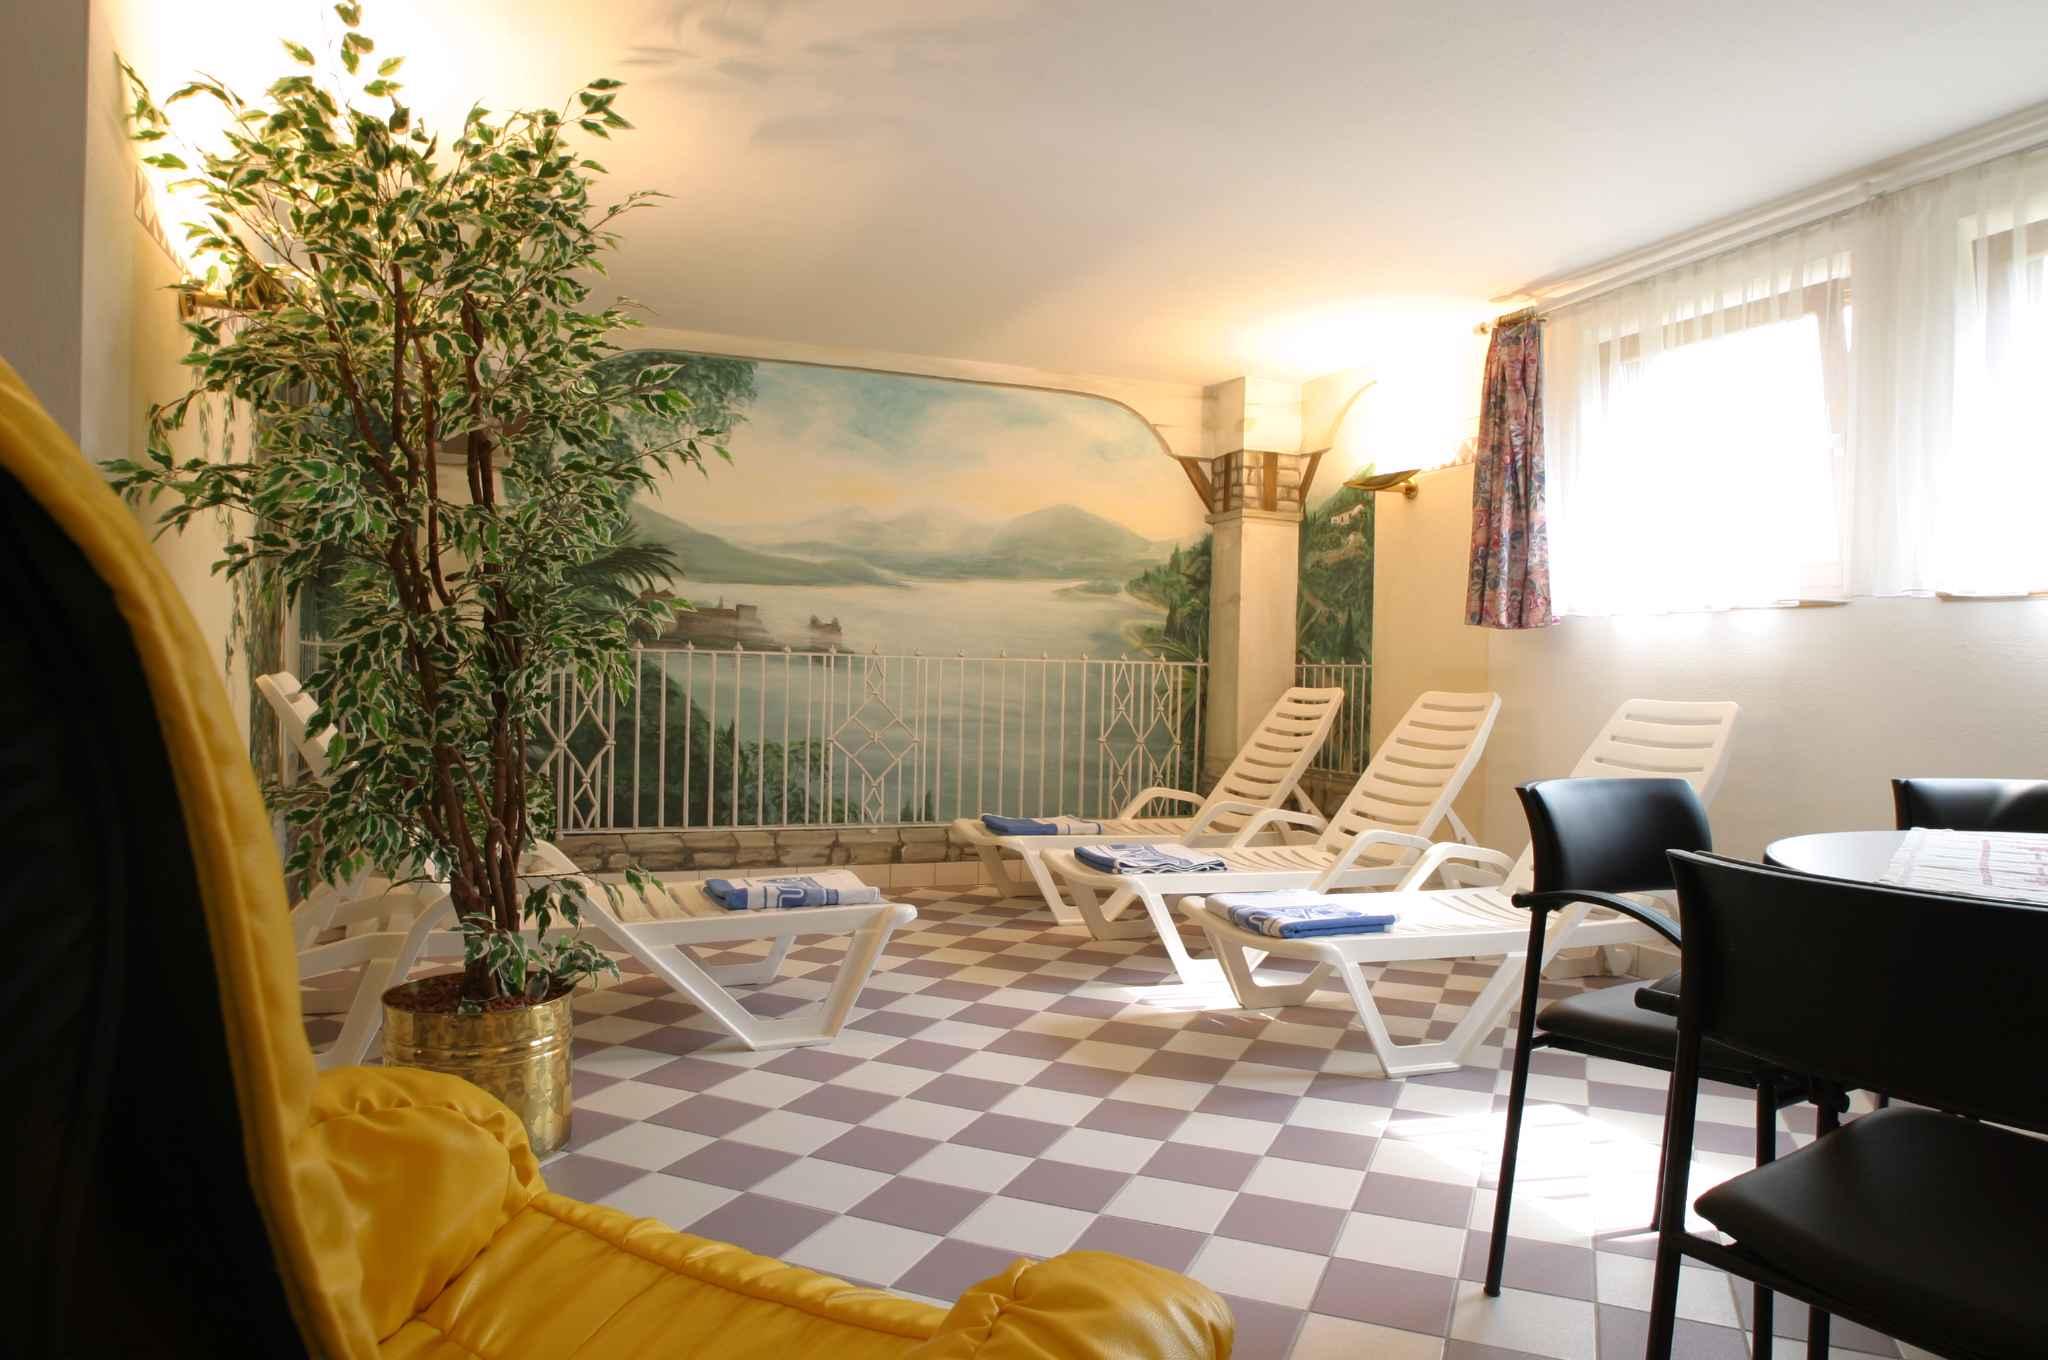 Ferienwohnung mit Balkon in ruhiger Lage (310160), Krimml, Pinzgau, Salzburg, Österreich, Bild 11